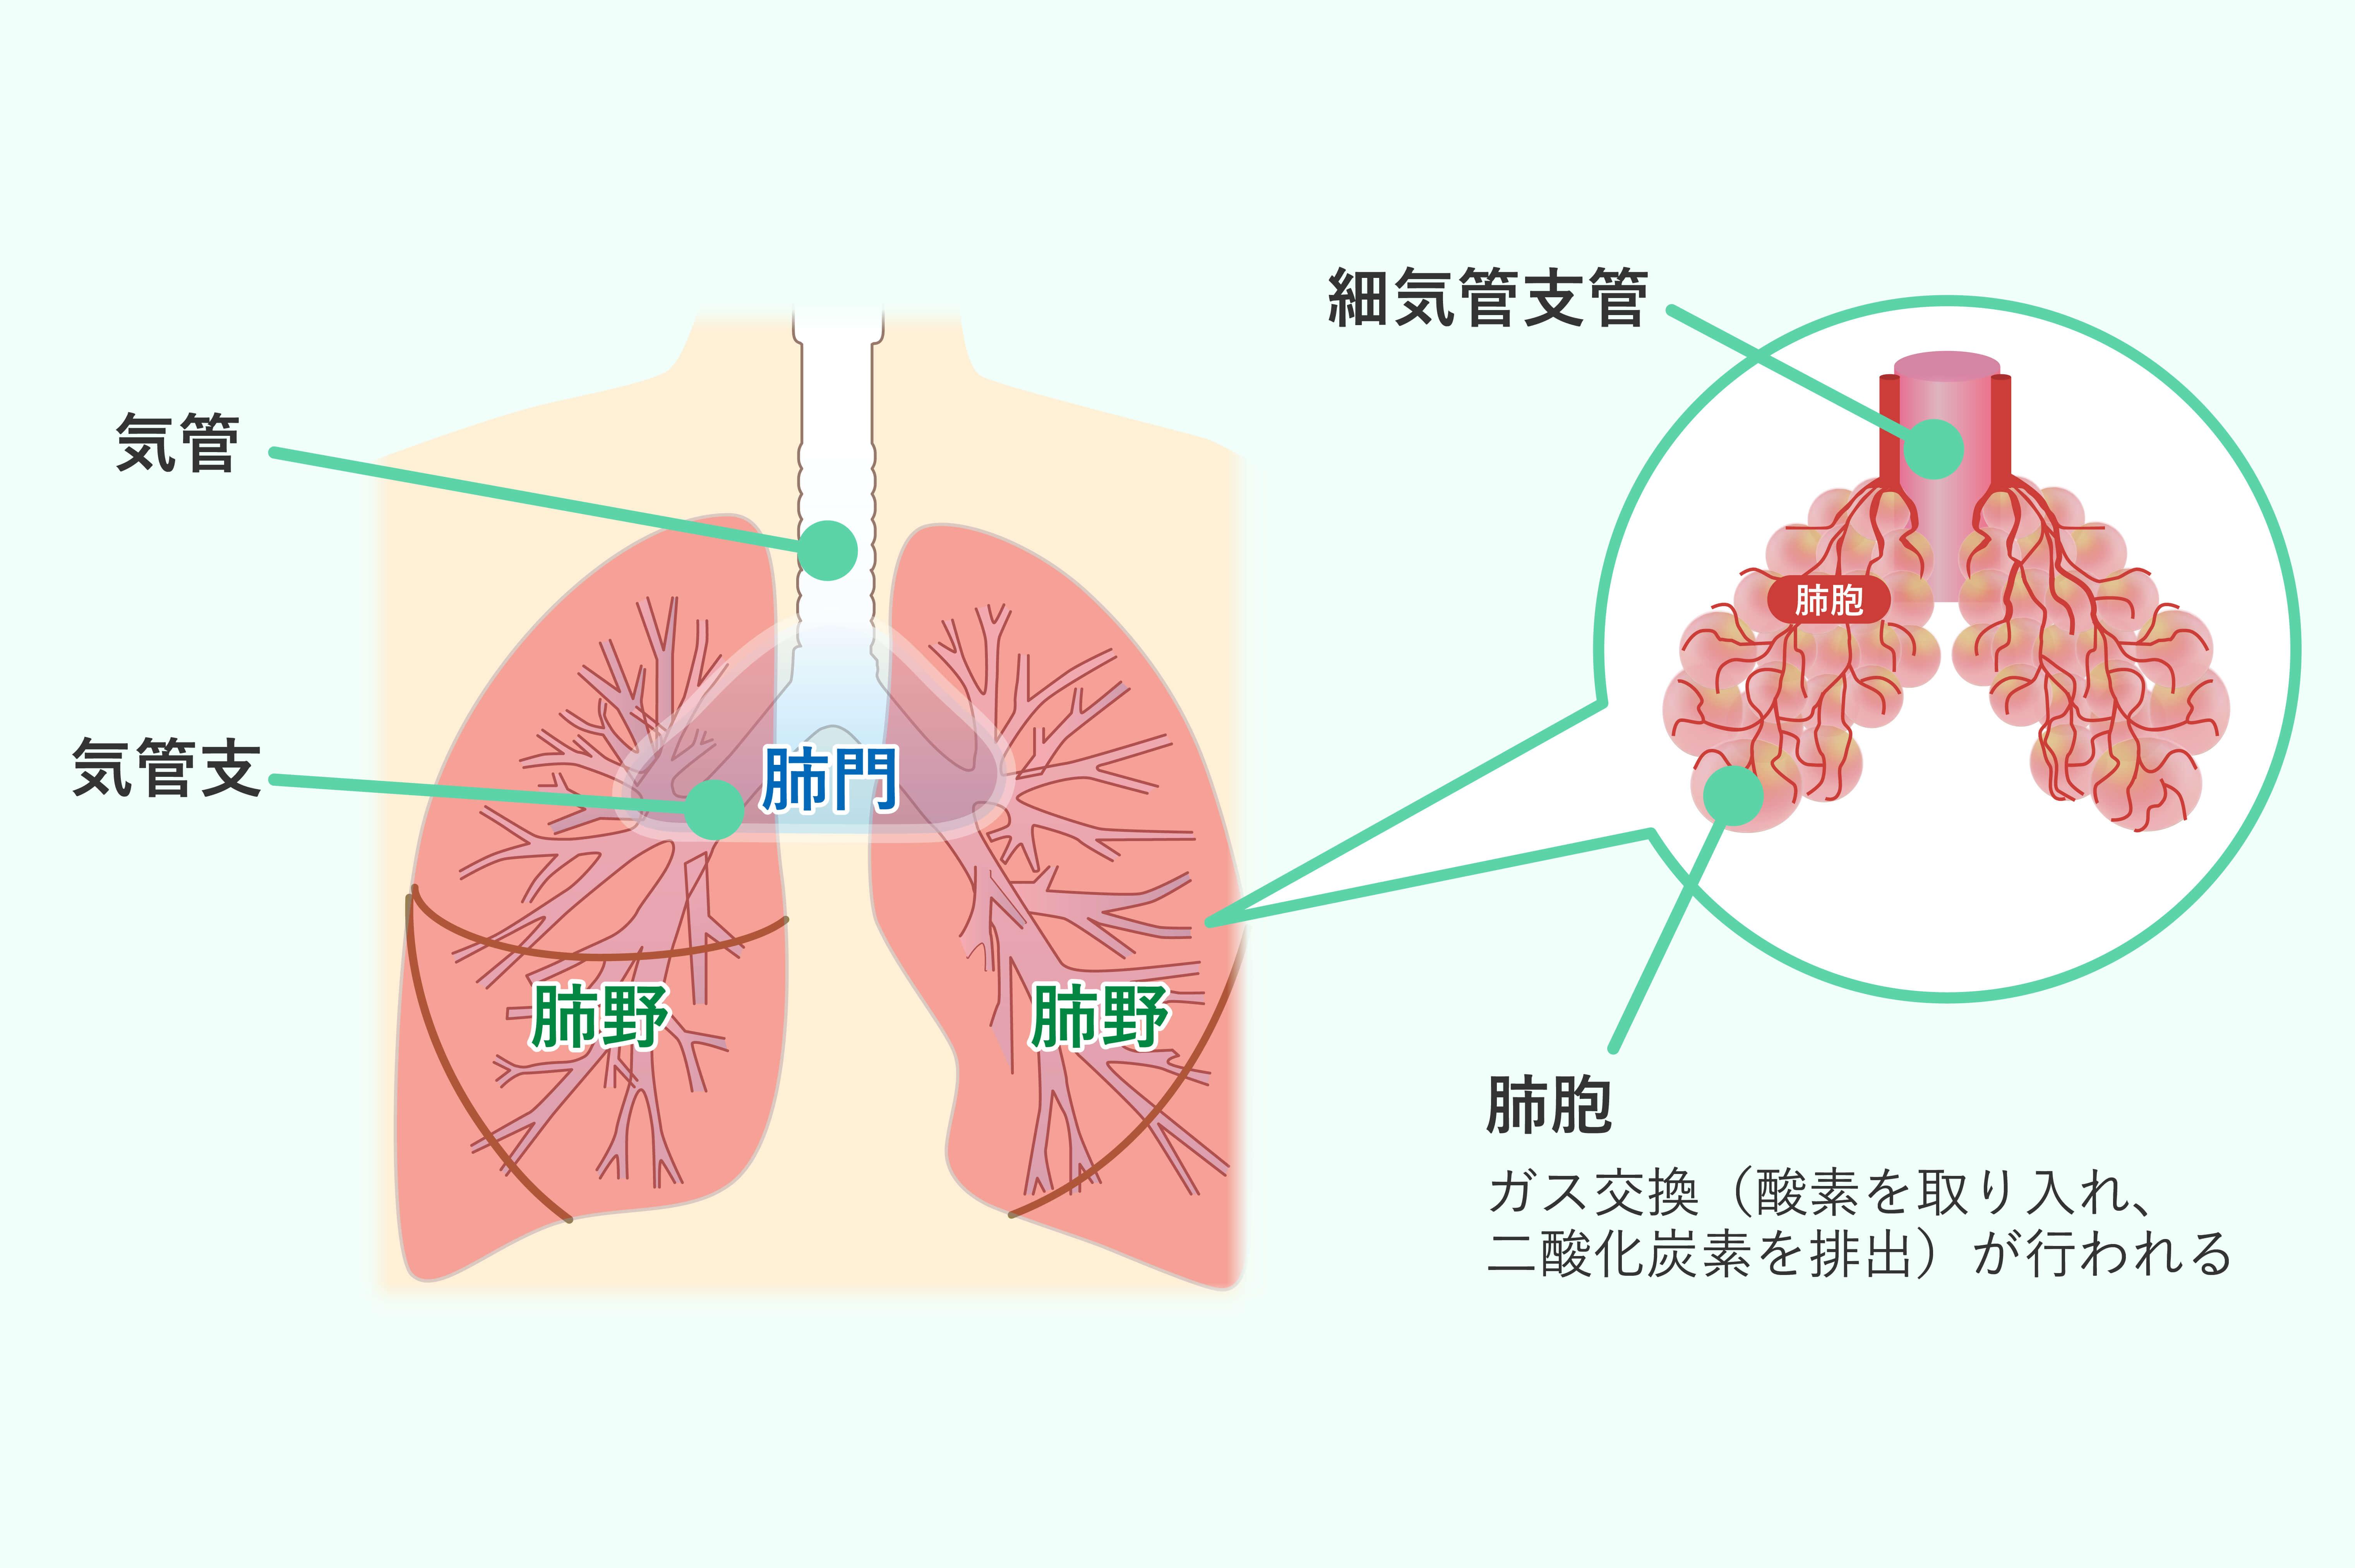 「気管支」と「肺胞」は肺が機能するために不可欠